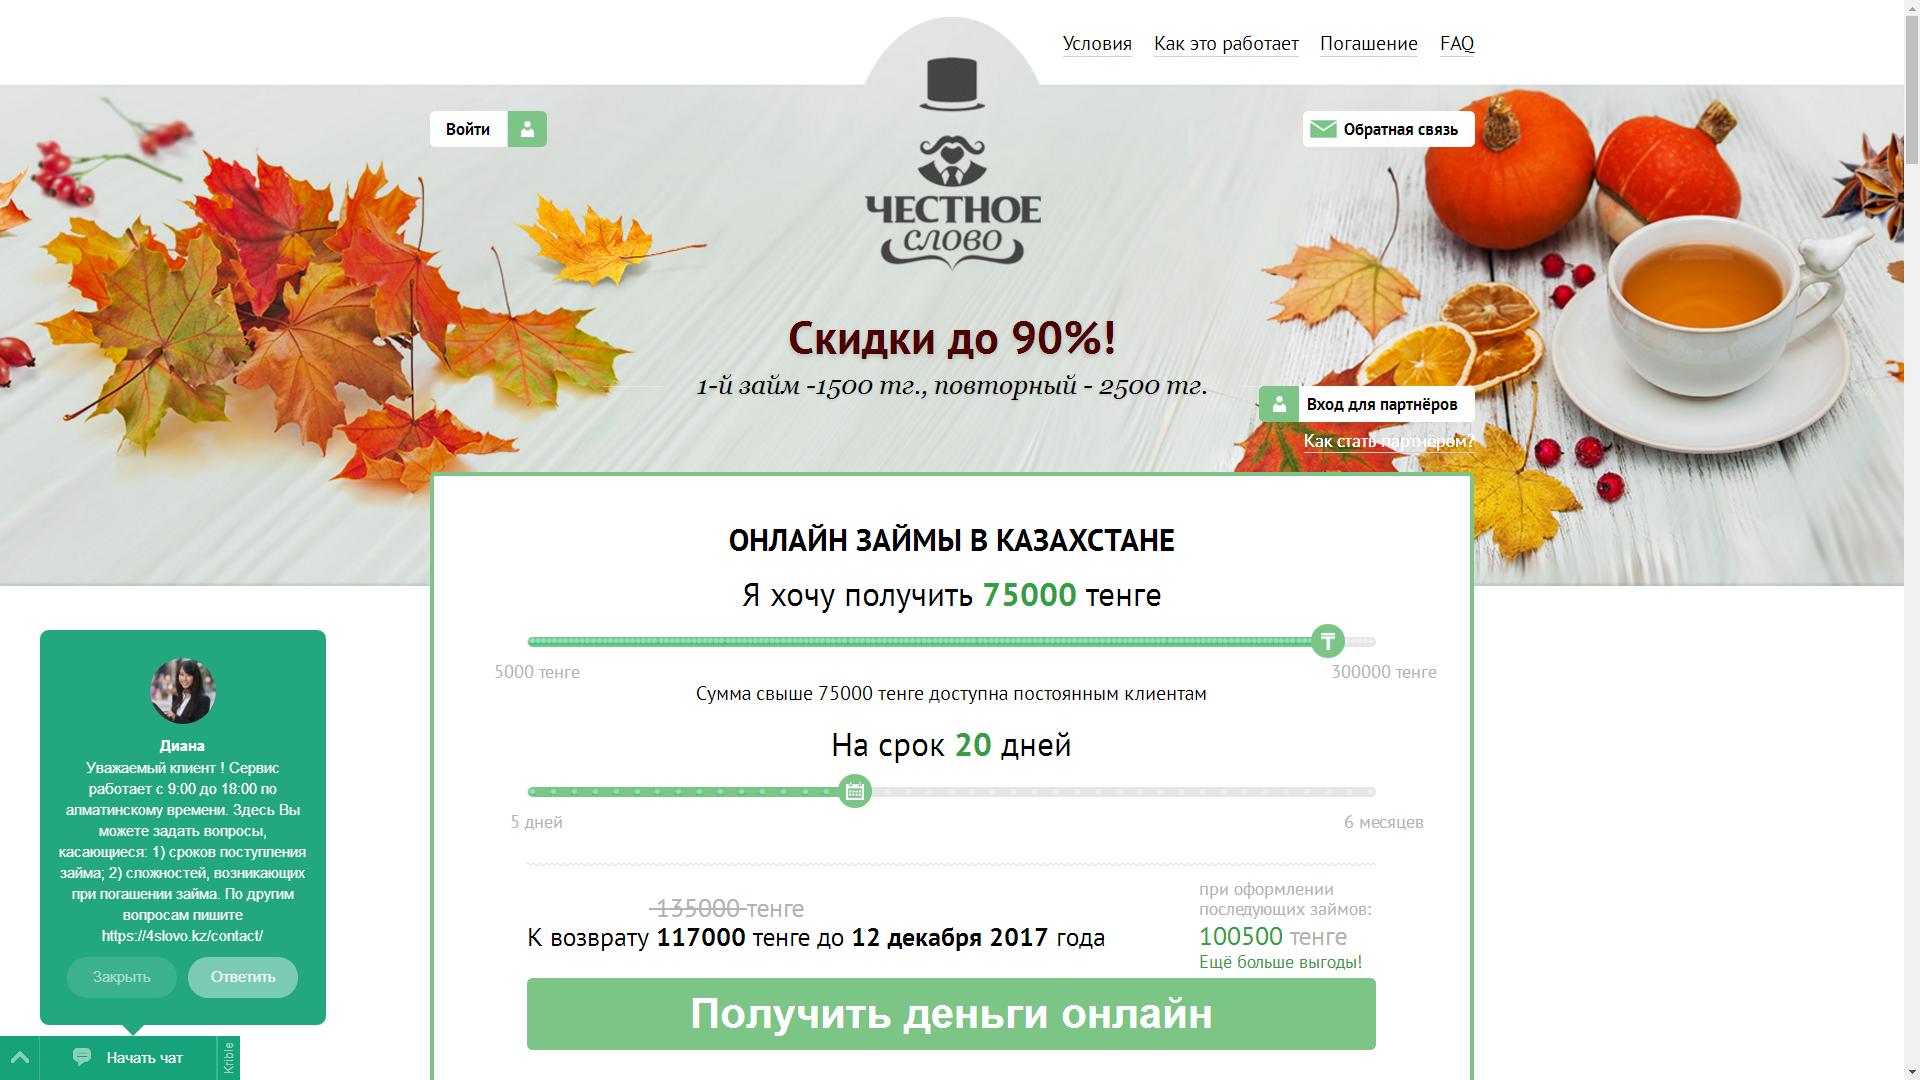 Онлайн займы в казахстане с 18